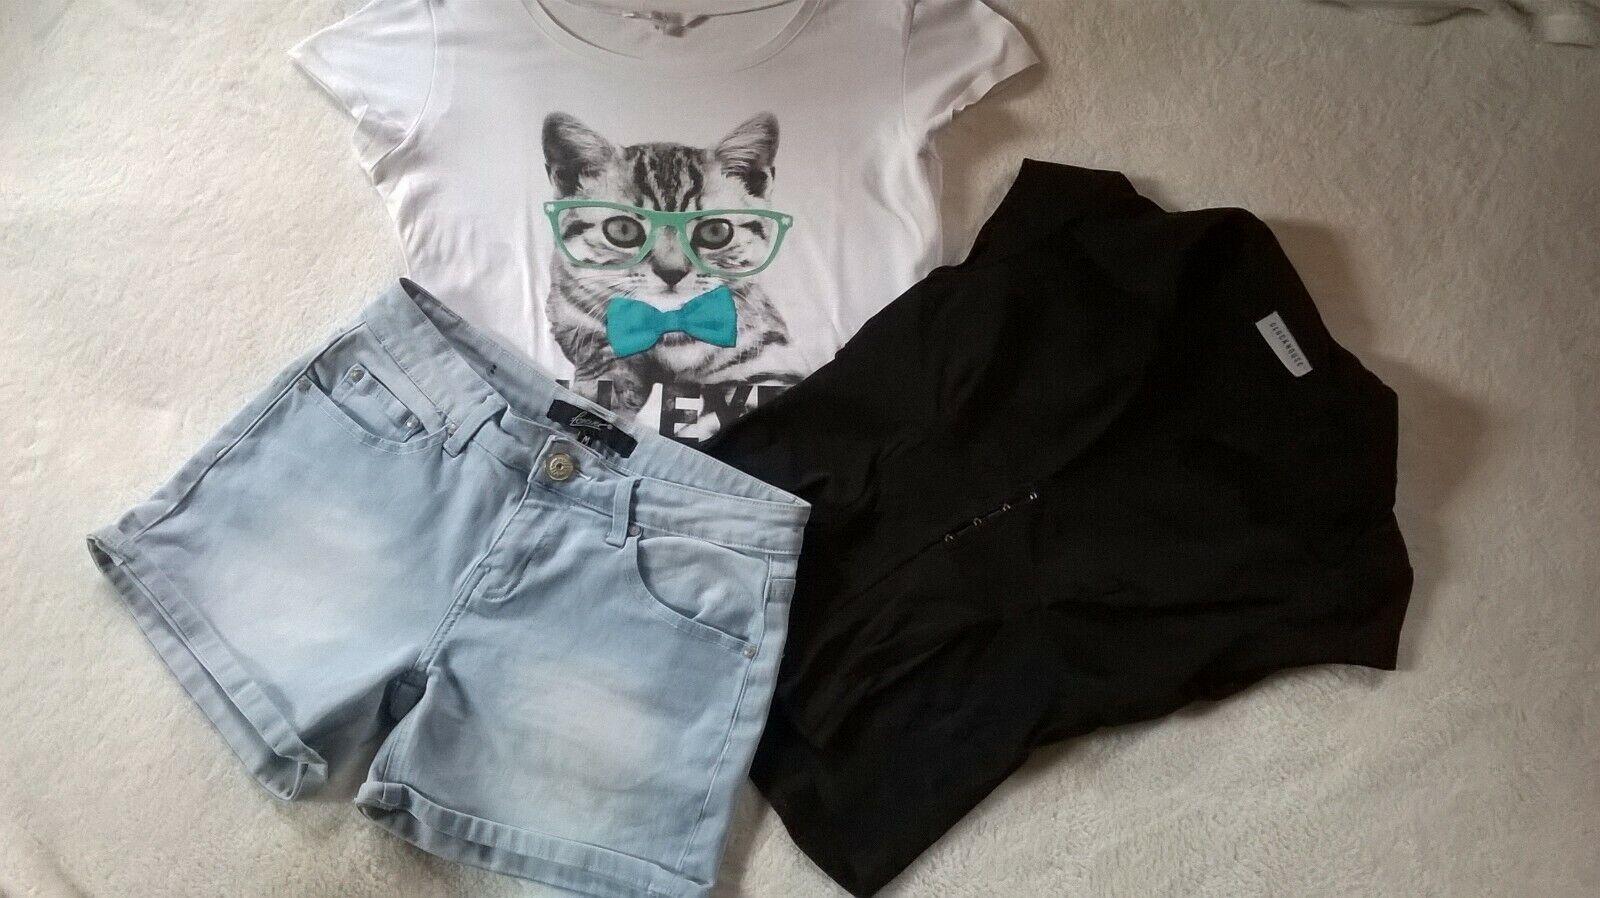 3tlg. - Jeans-Shorts hellblau, T-Shirt weiß und Bluse schwarz für Damen Gr. 36